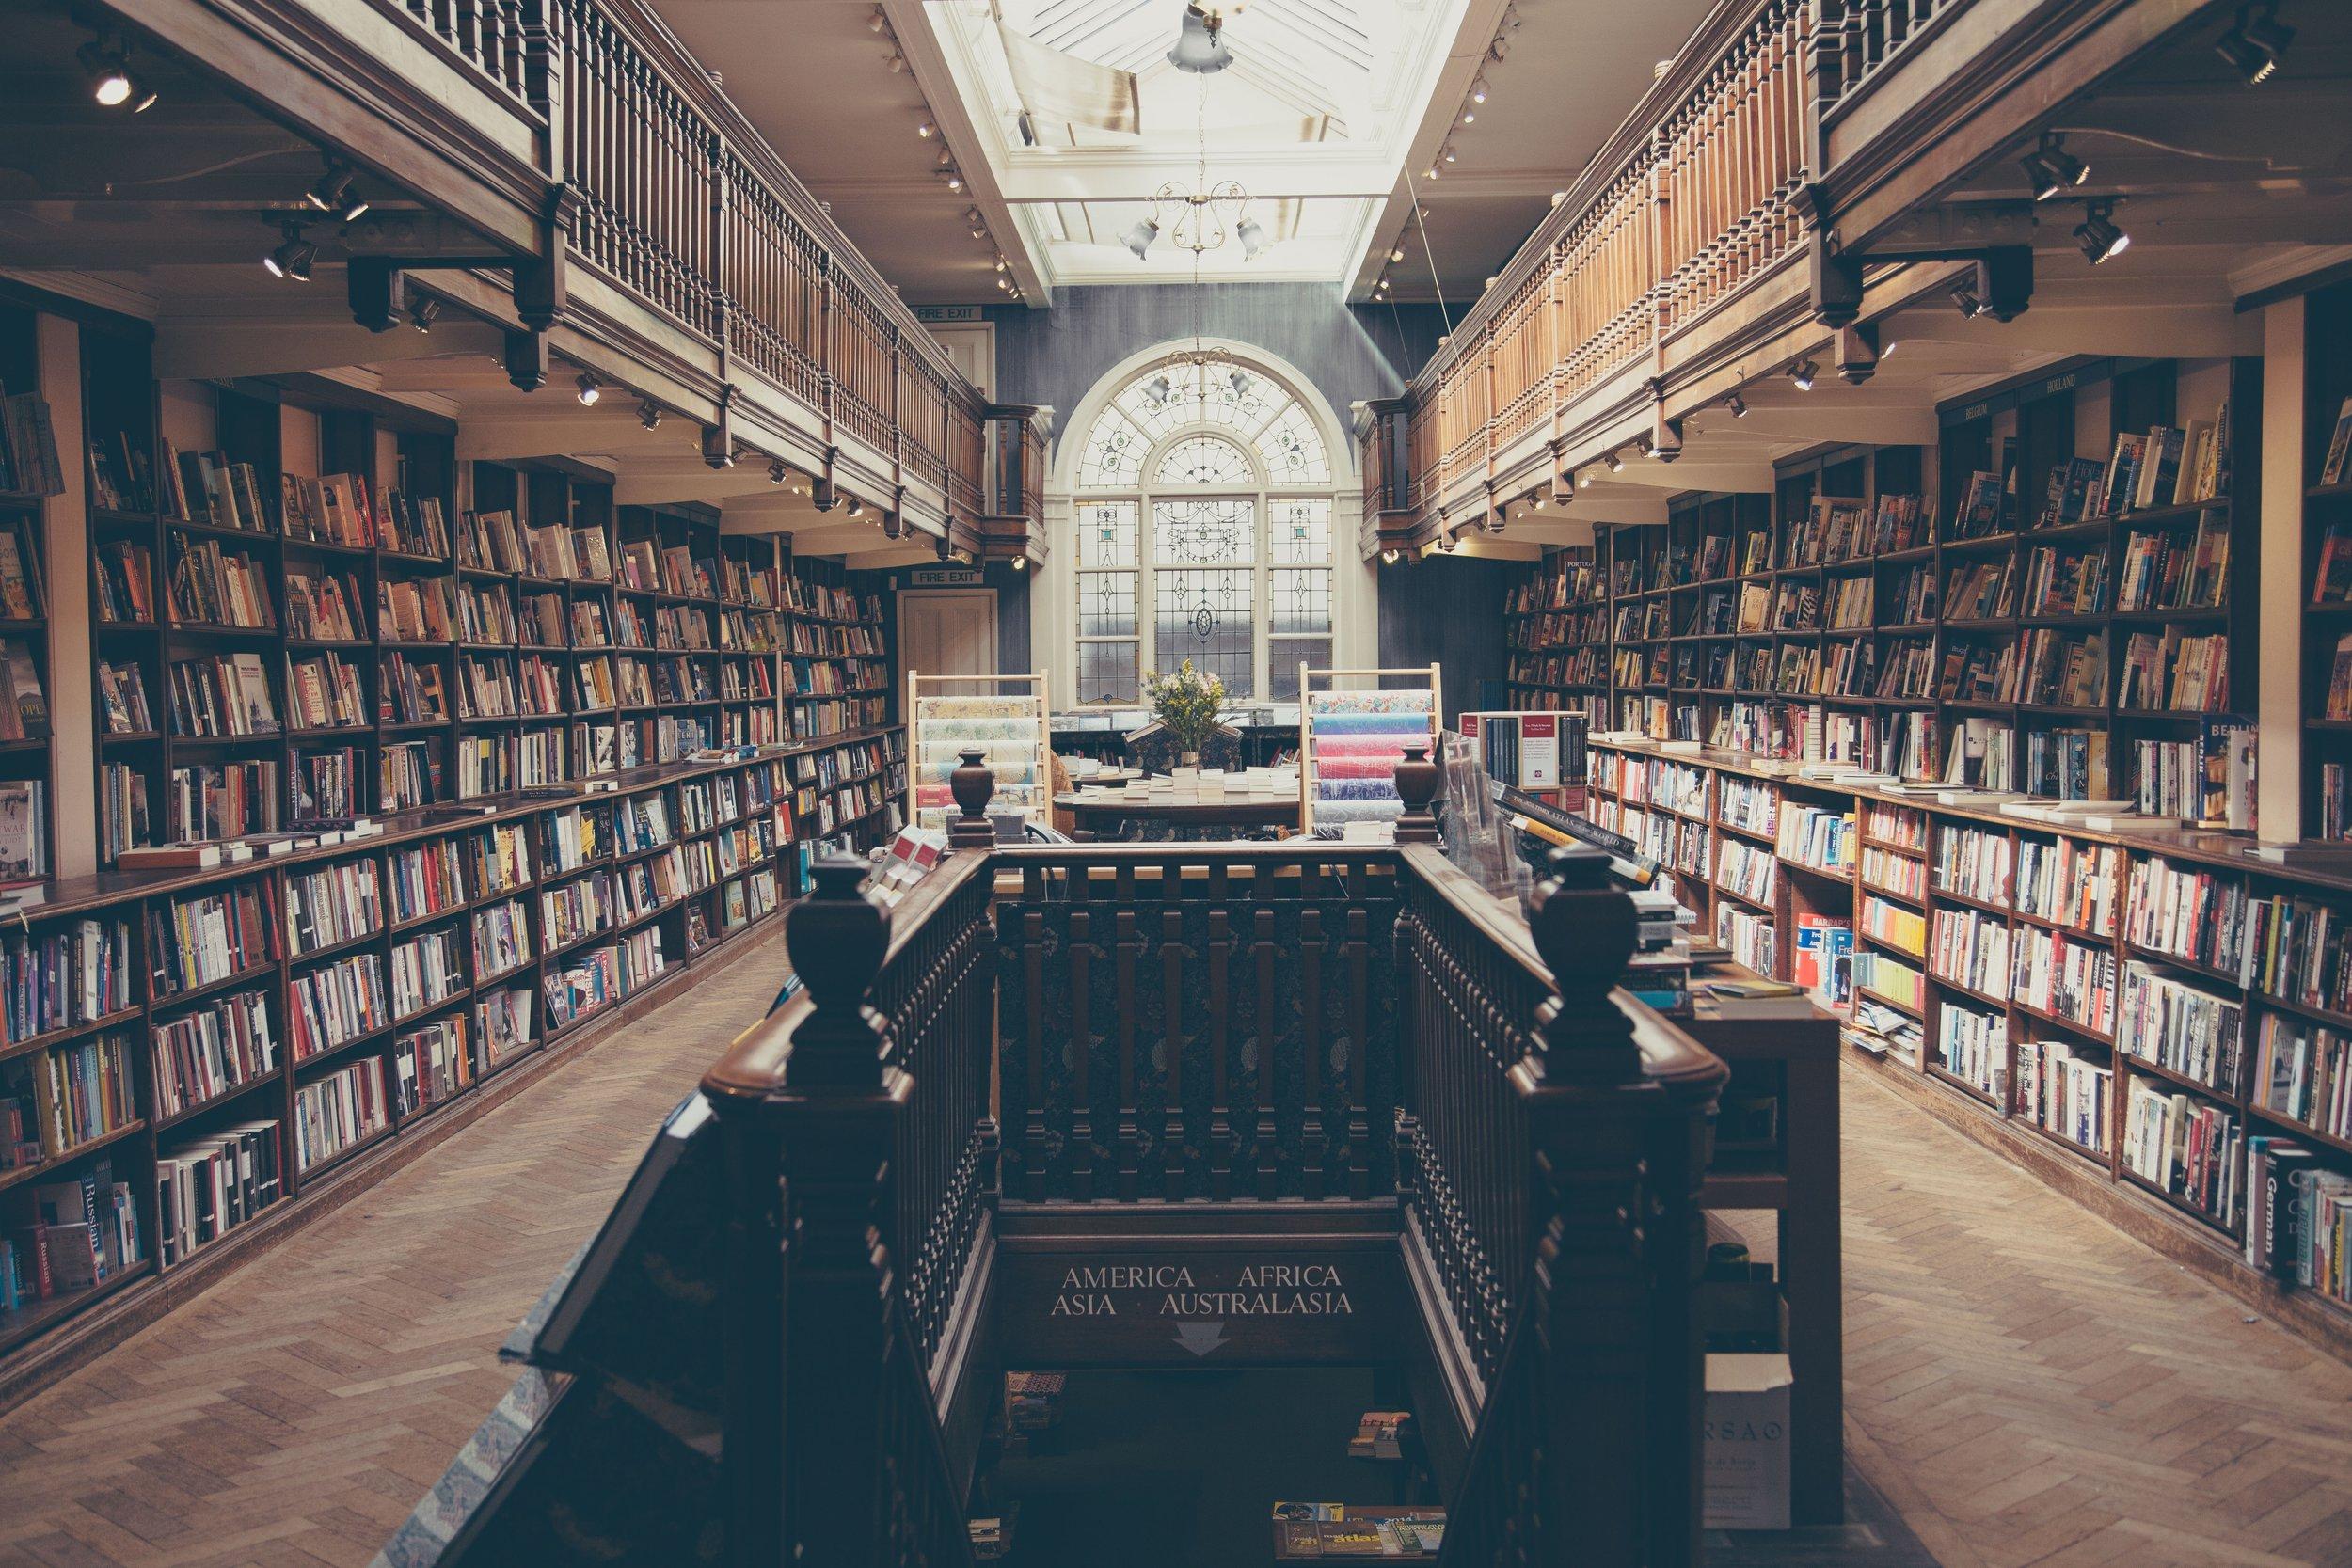 novel-read-open-white-building-old-706593-pxhere.com.jpg